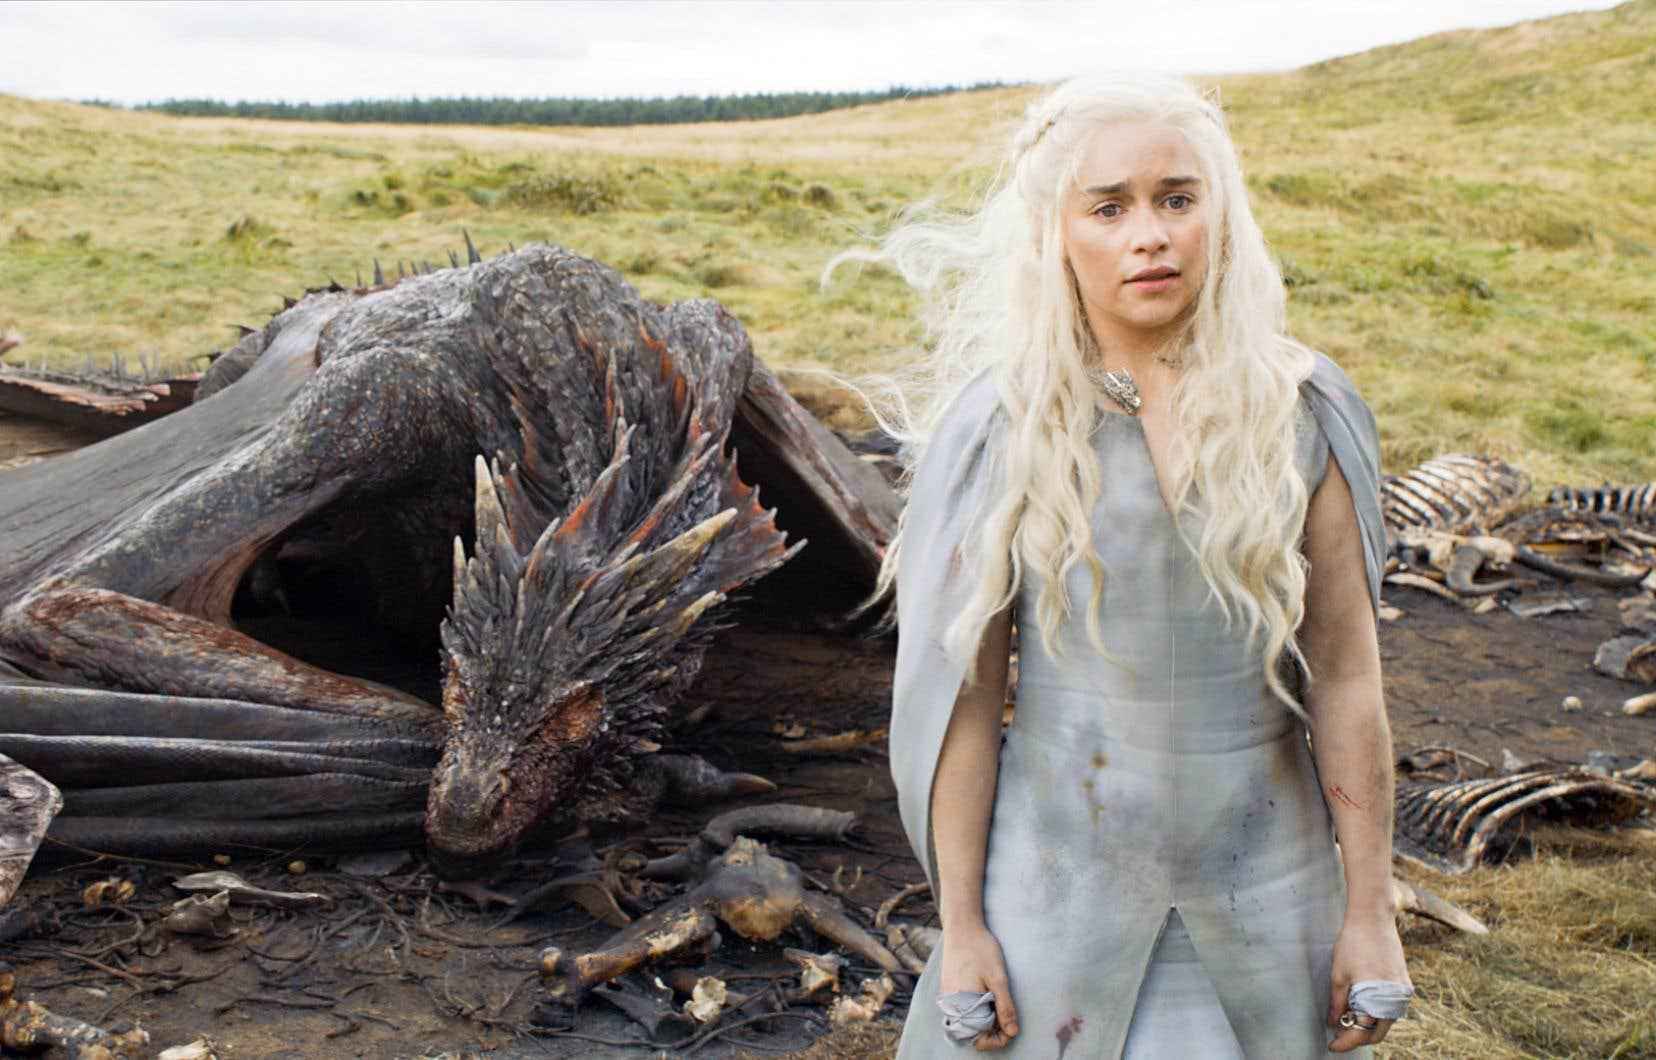 Le studio Pixomondo a remporté trois Emmy Awards en donnant vie aux dragons de la série «Le trône de fer» («Game of Thrones»).